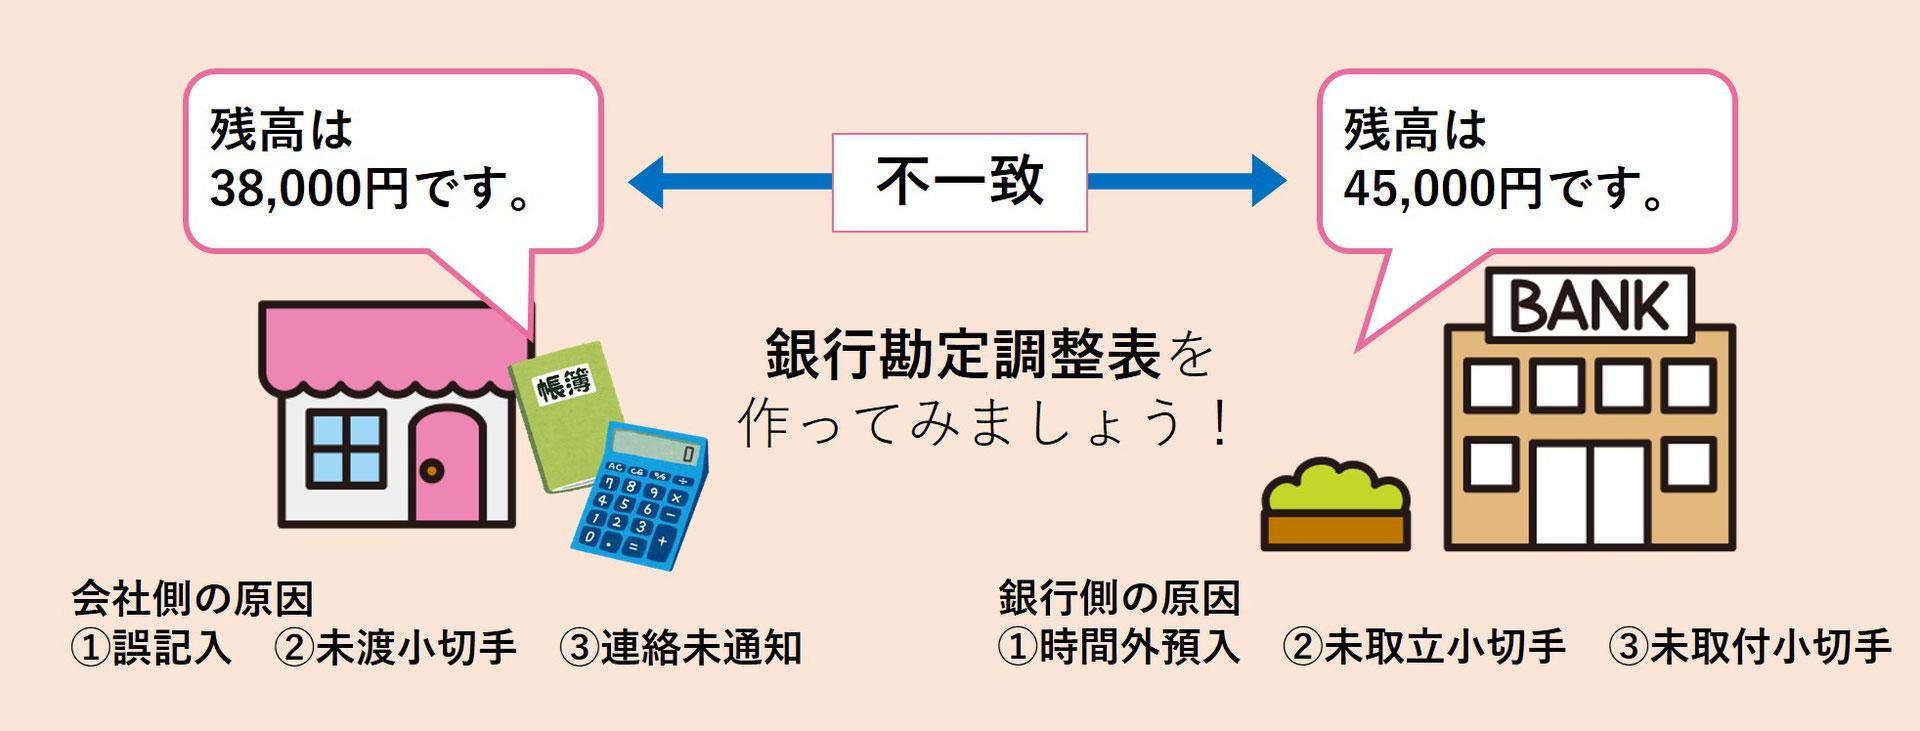 仮 勘定 ソフトウェア